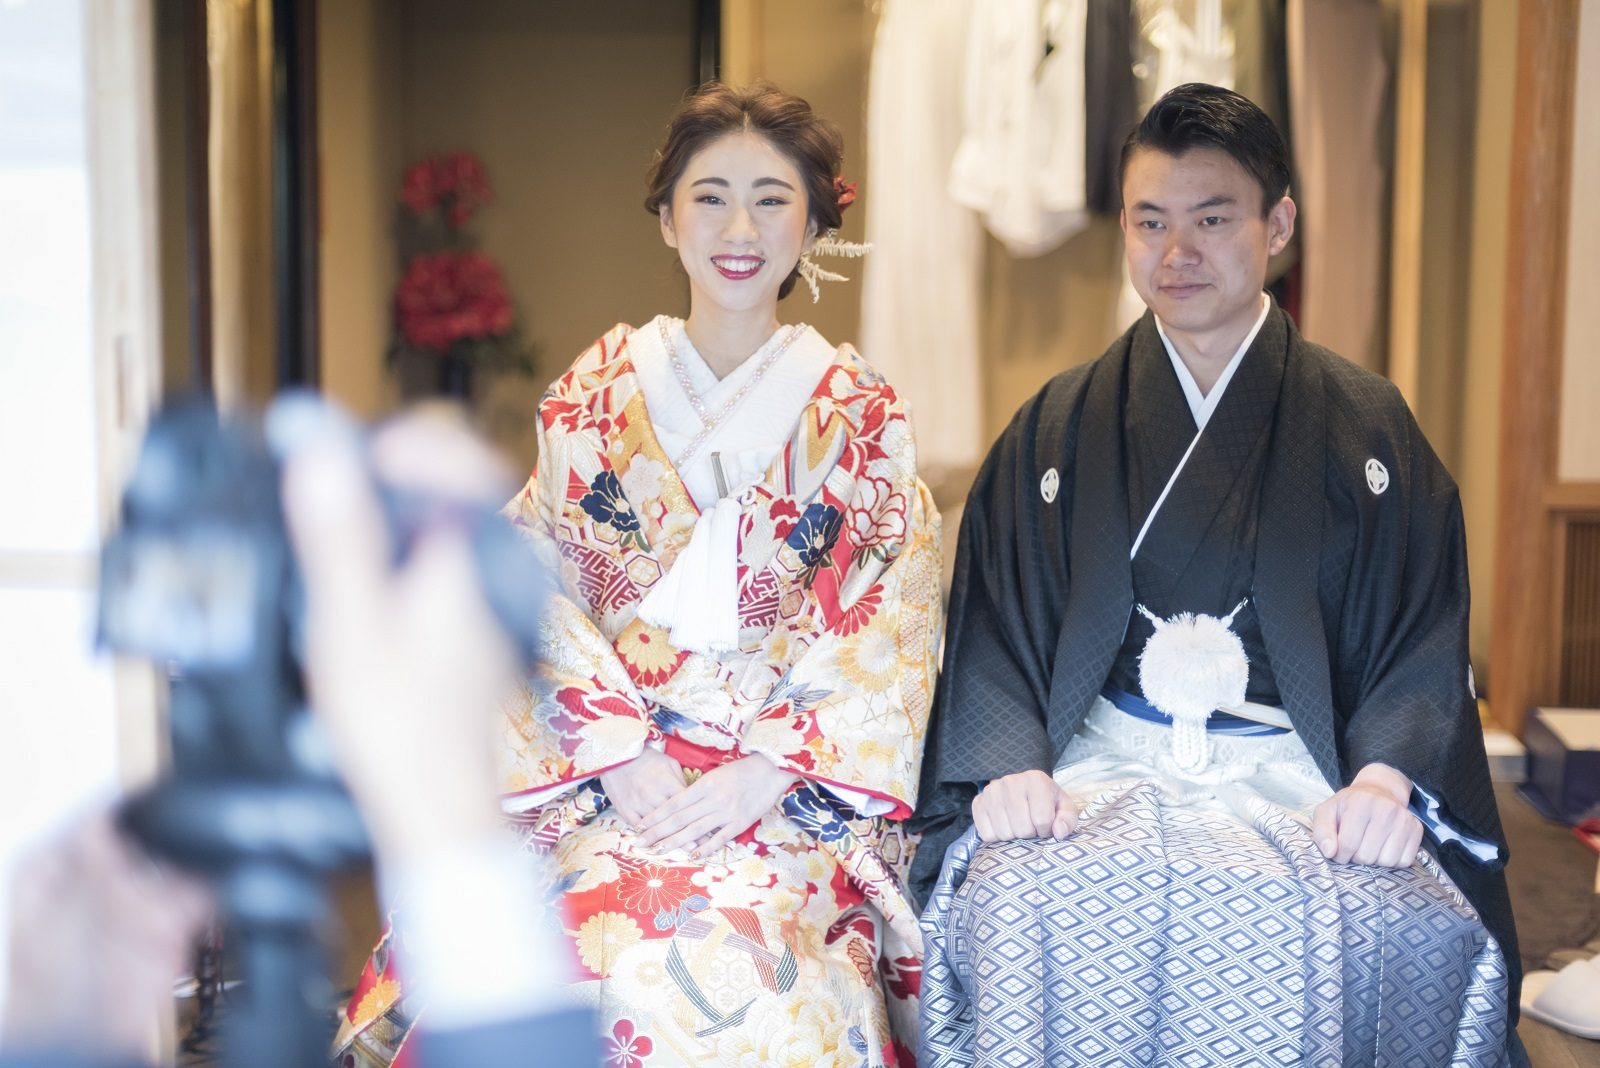 香川県高松市の小さな結婚式相談カウンターマリマリコンシェルジュのご紹介式場で紋付袴と色打掛を着て記念撮影